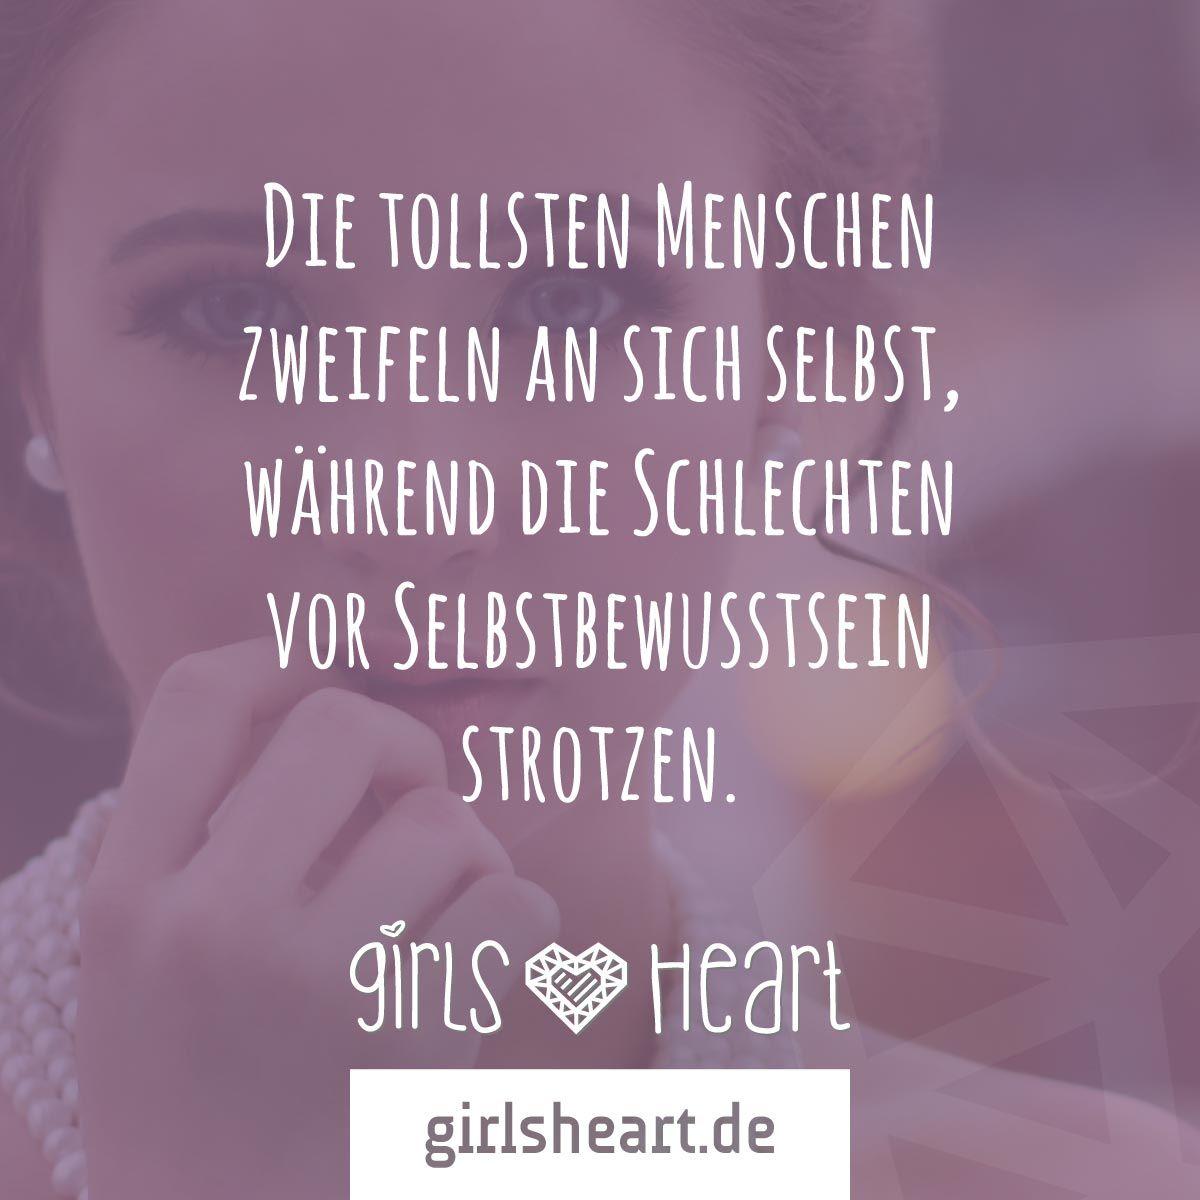 zweifel sprüche Mehr Sprüche auf: .girlsheart.de #toll #gut #lieb #nett  zweifel sprüche